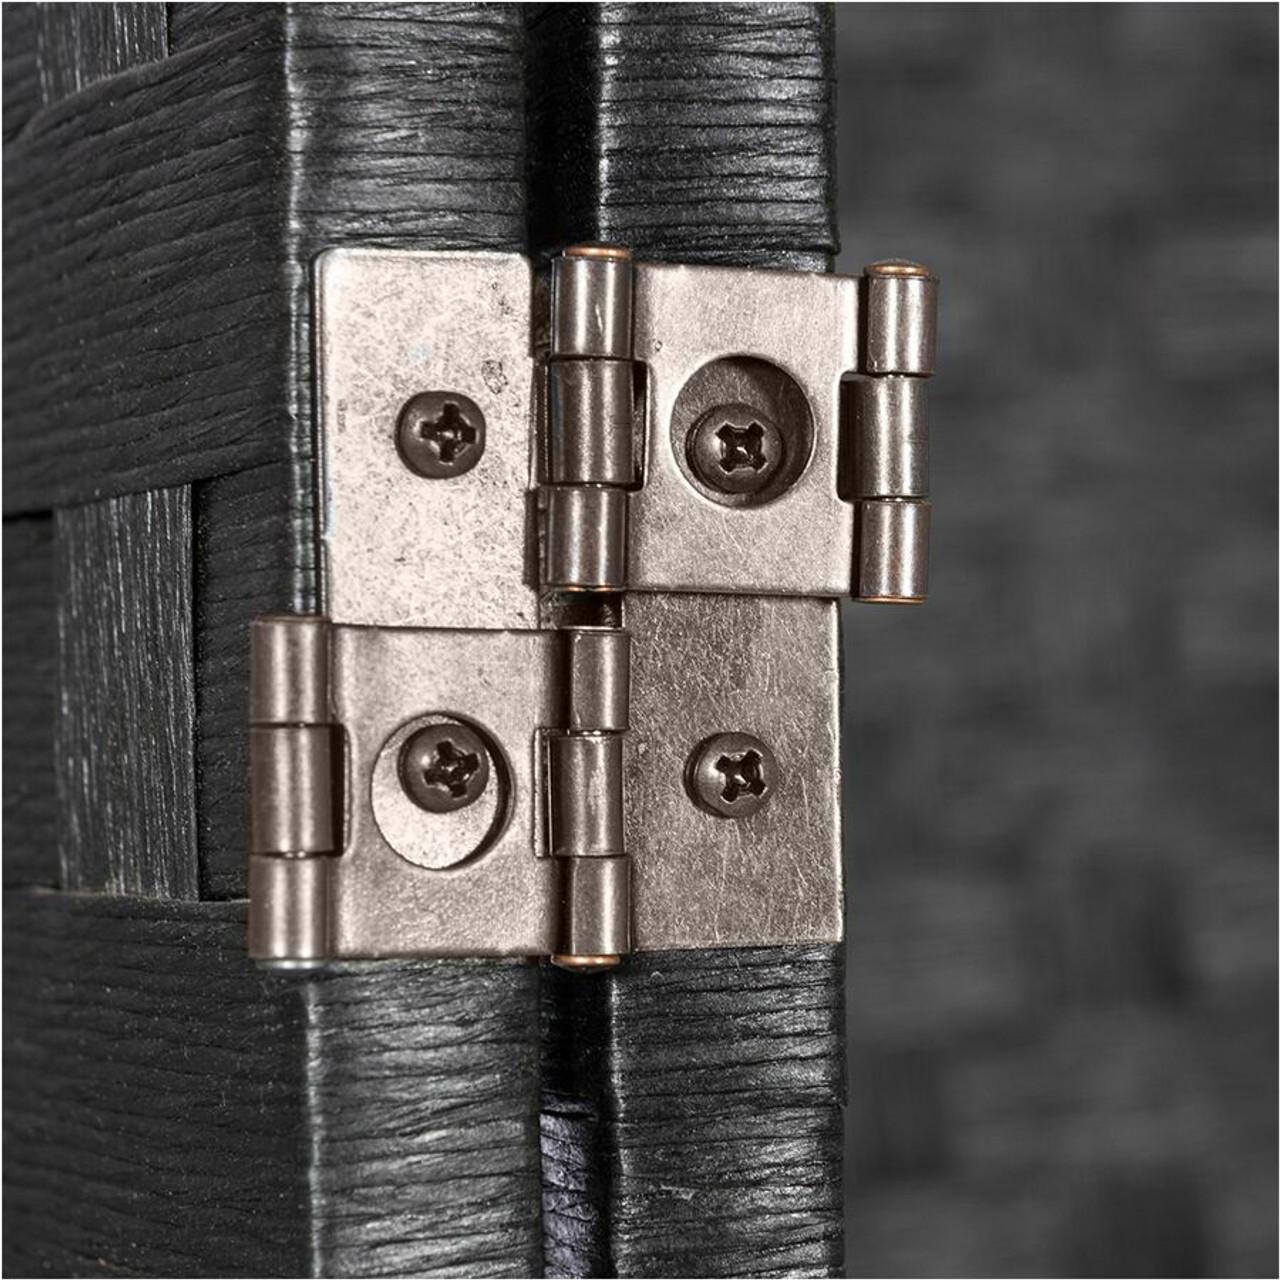 Room Divider 8 Panel Weave Design Fiber Black, Beige, Ivory, or Brown Color